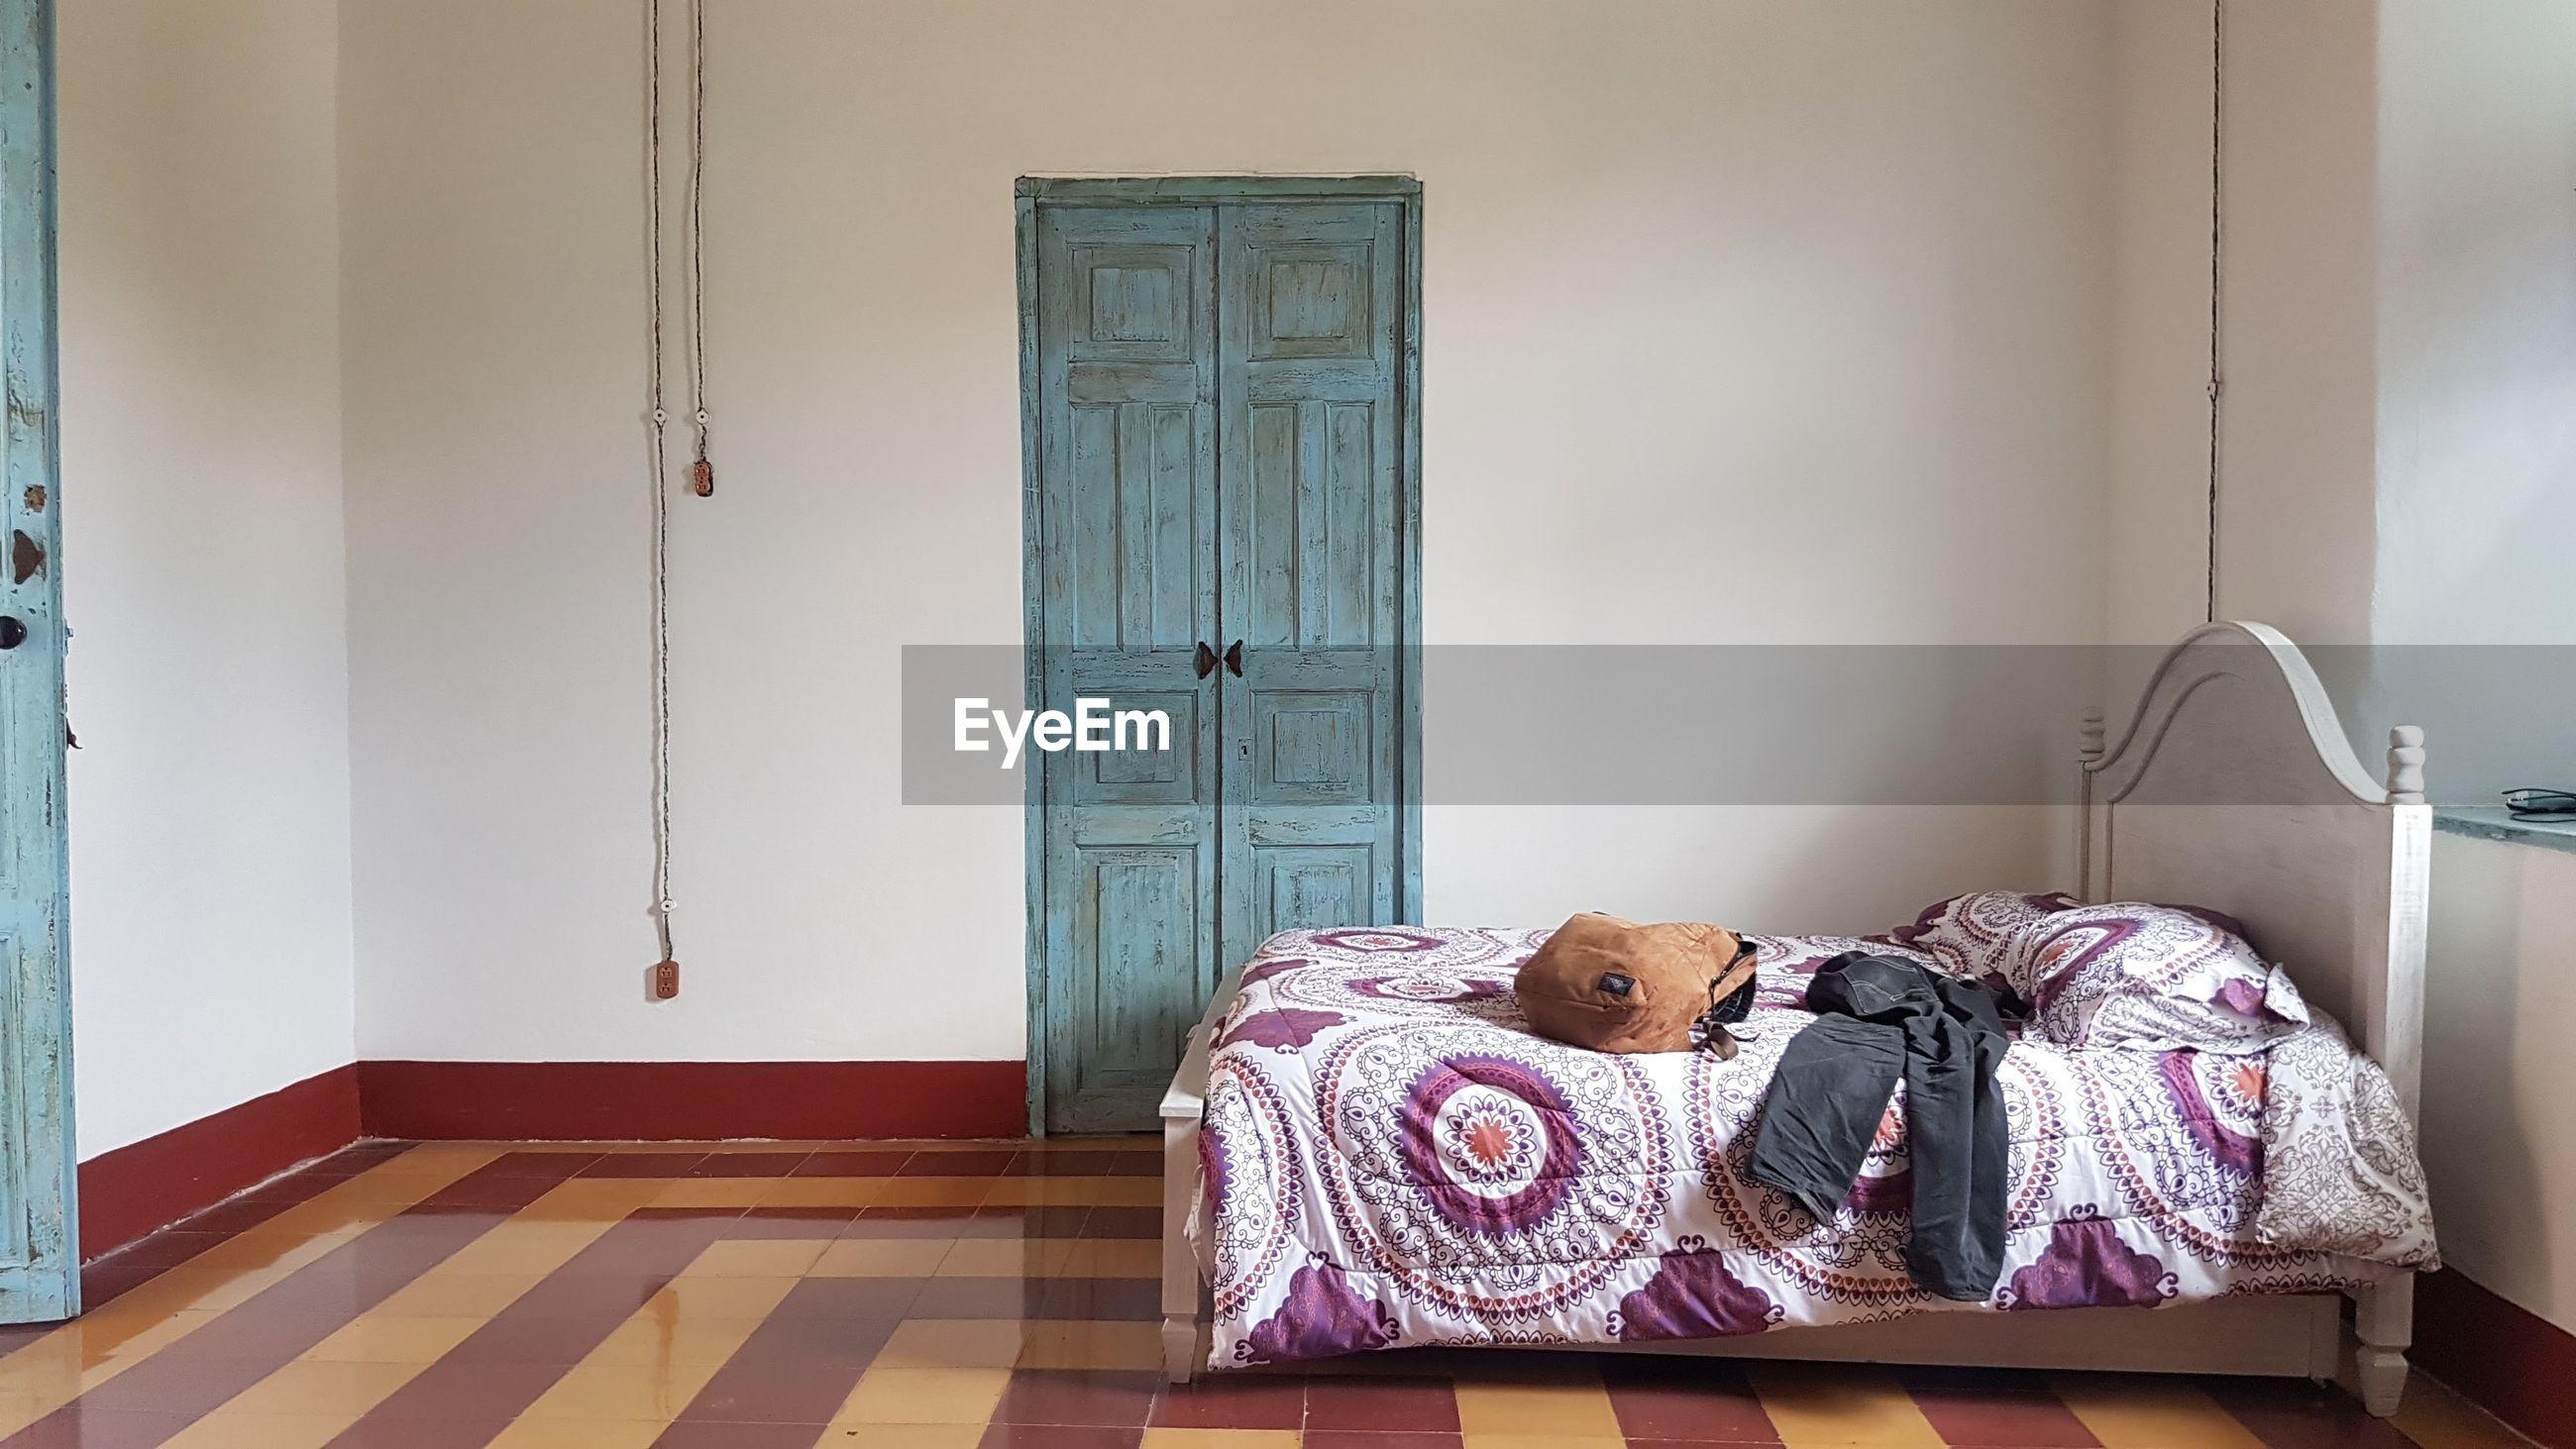 OPEN DOOR ON BED